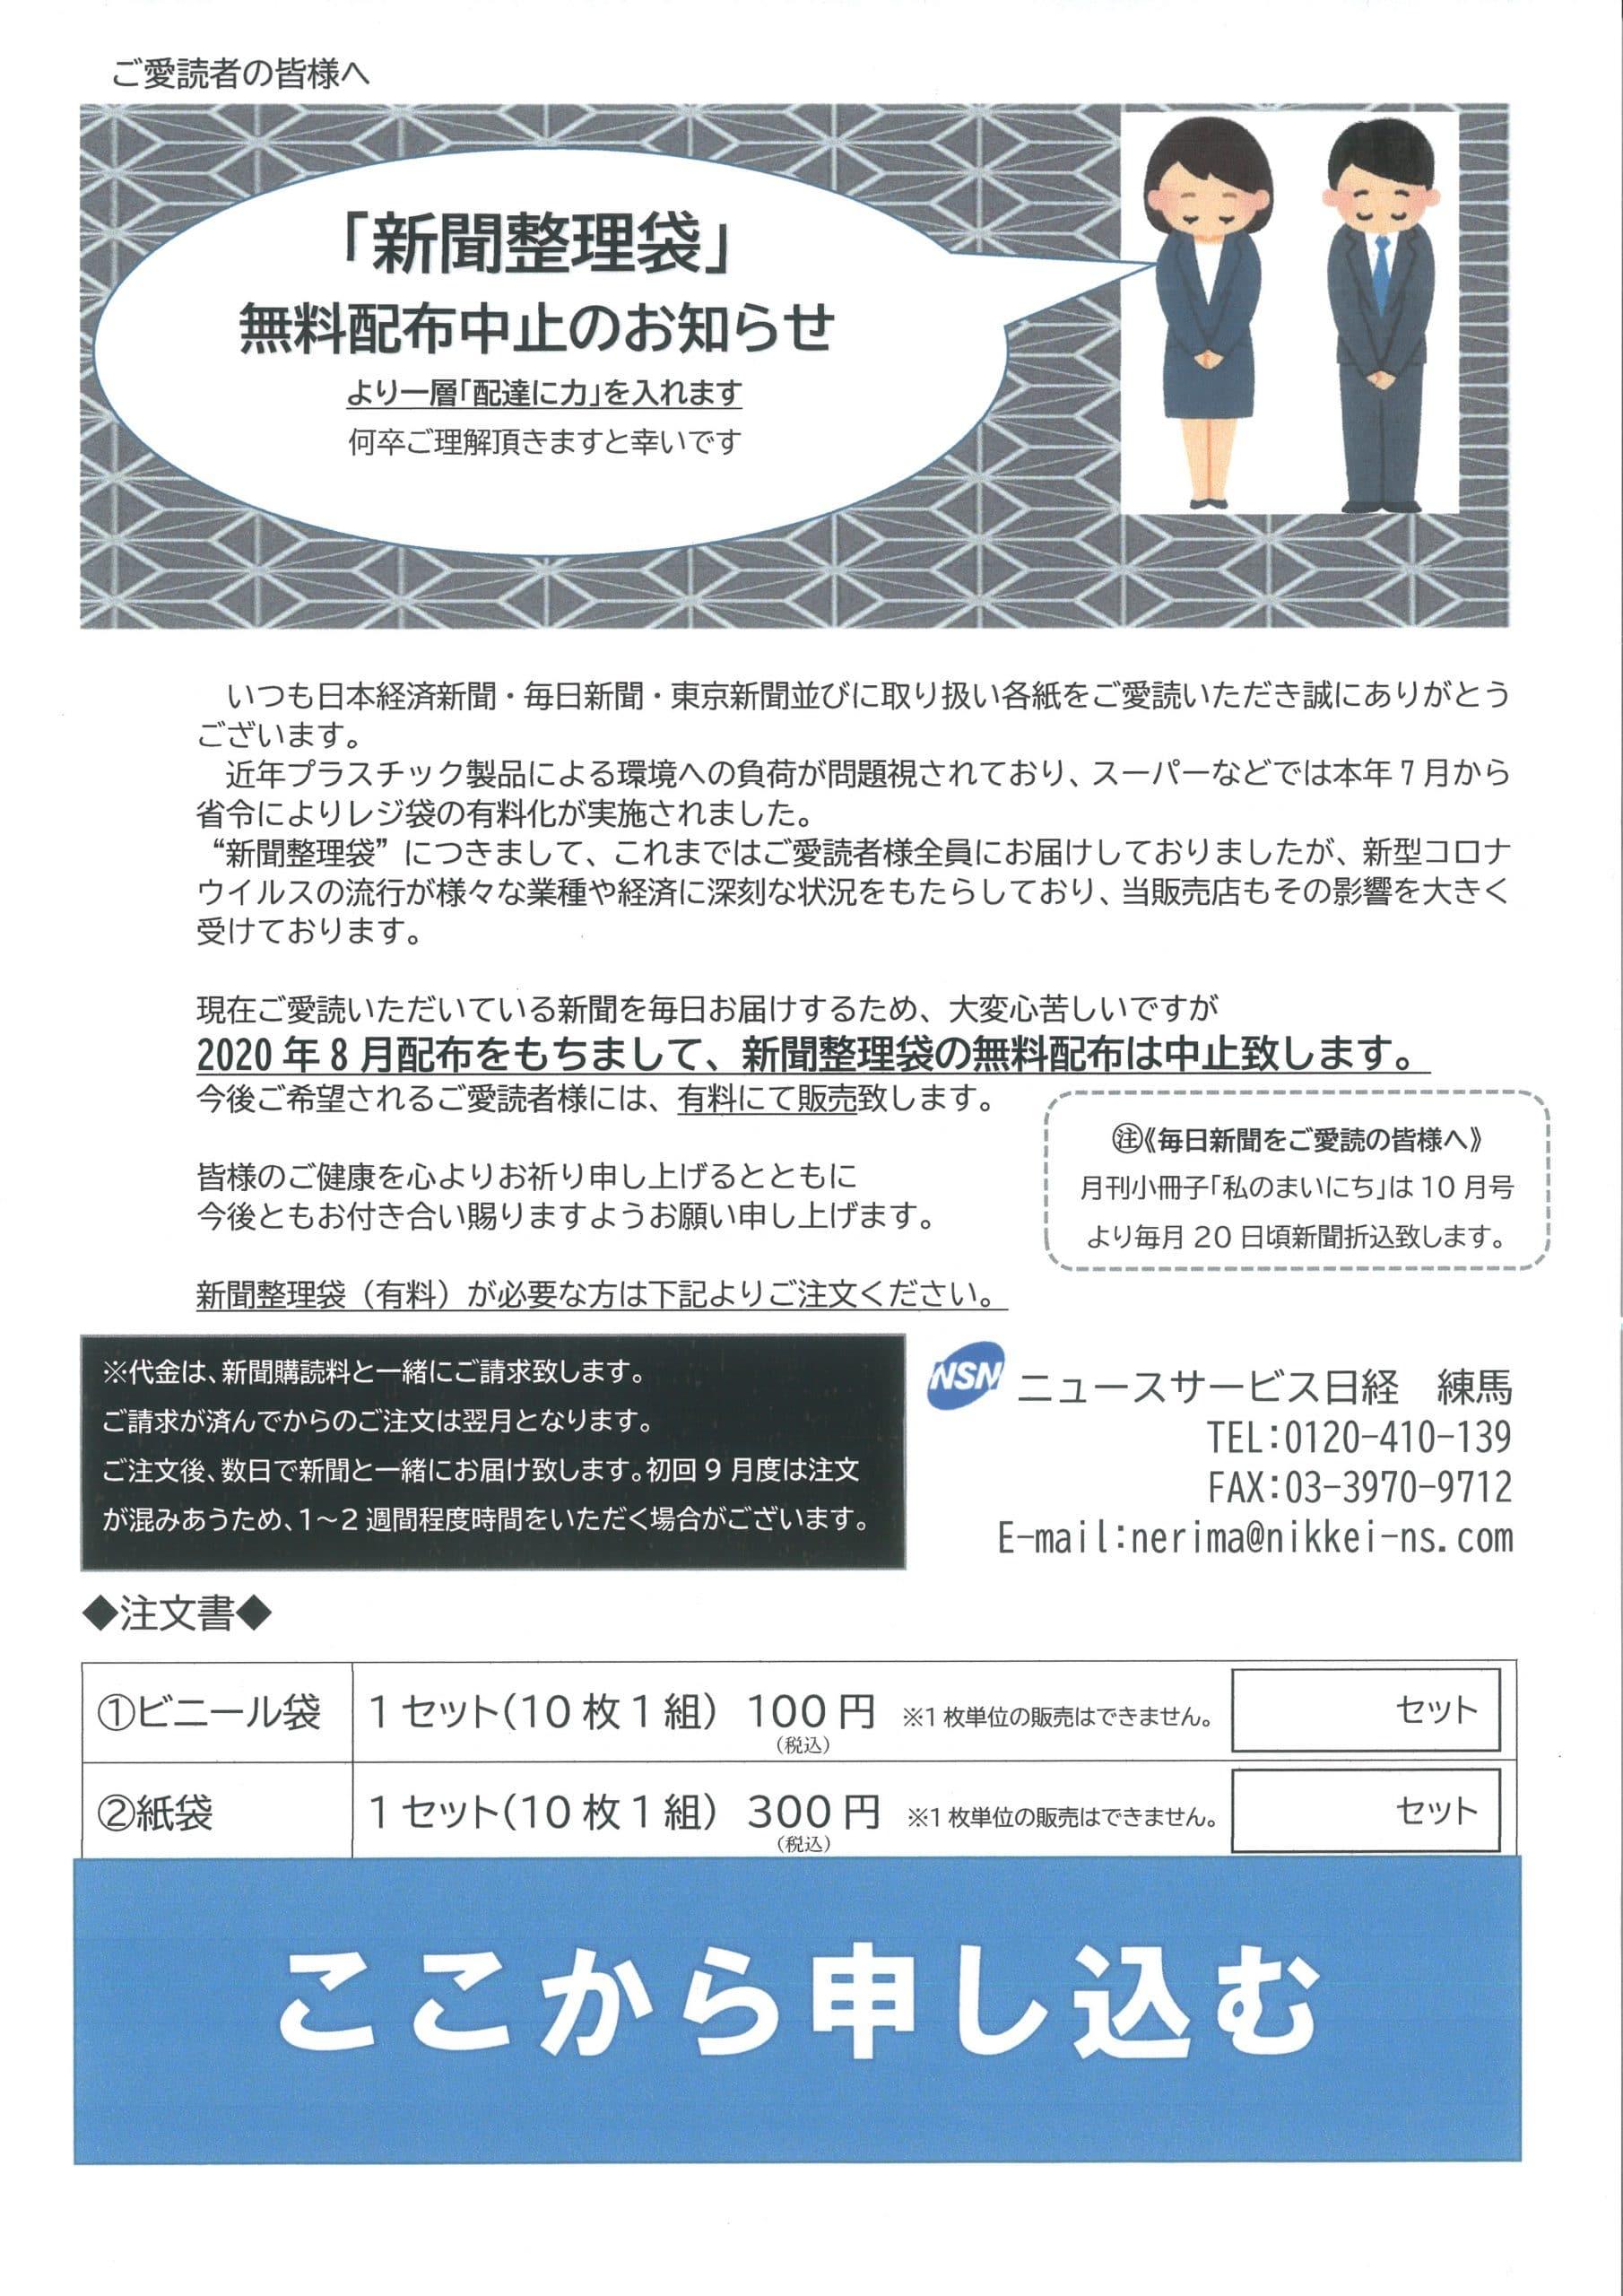 9月より「新聞整理袋」販売いたします